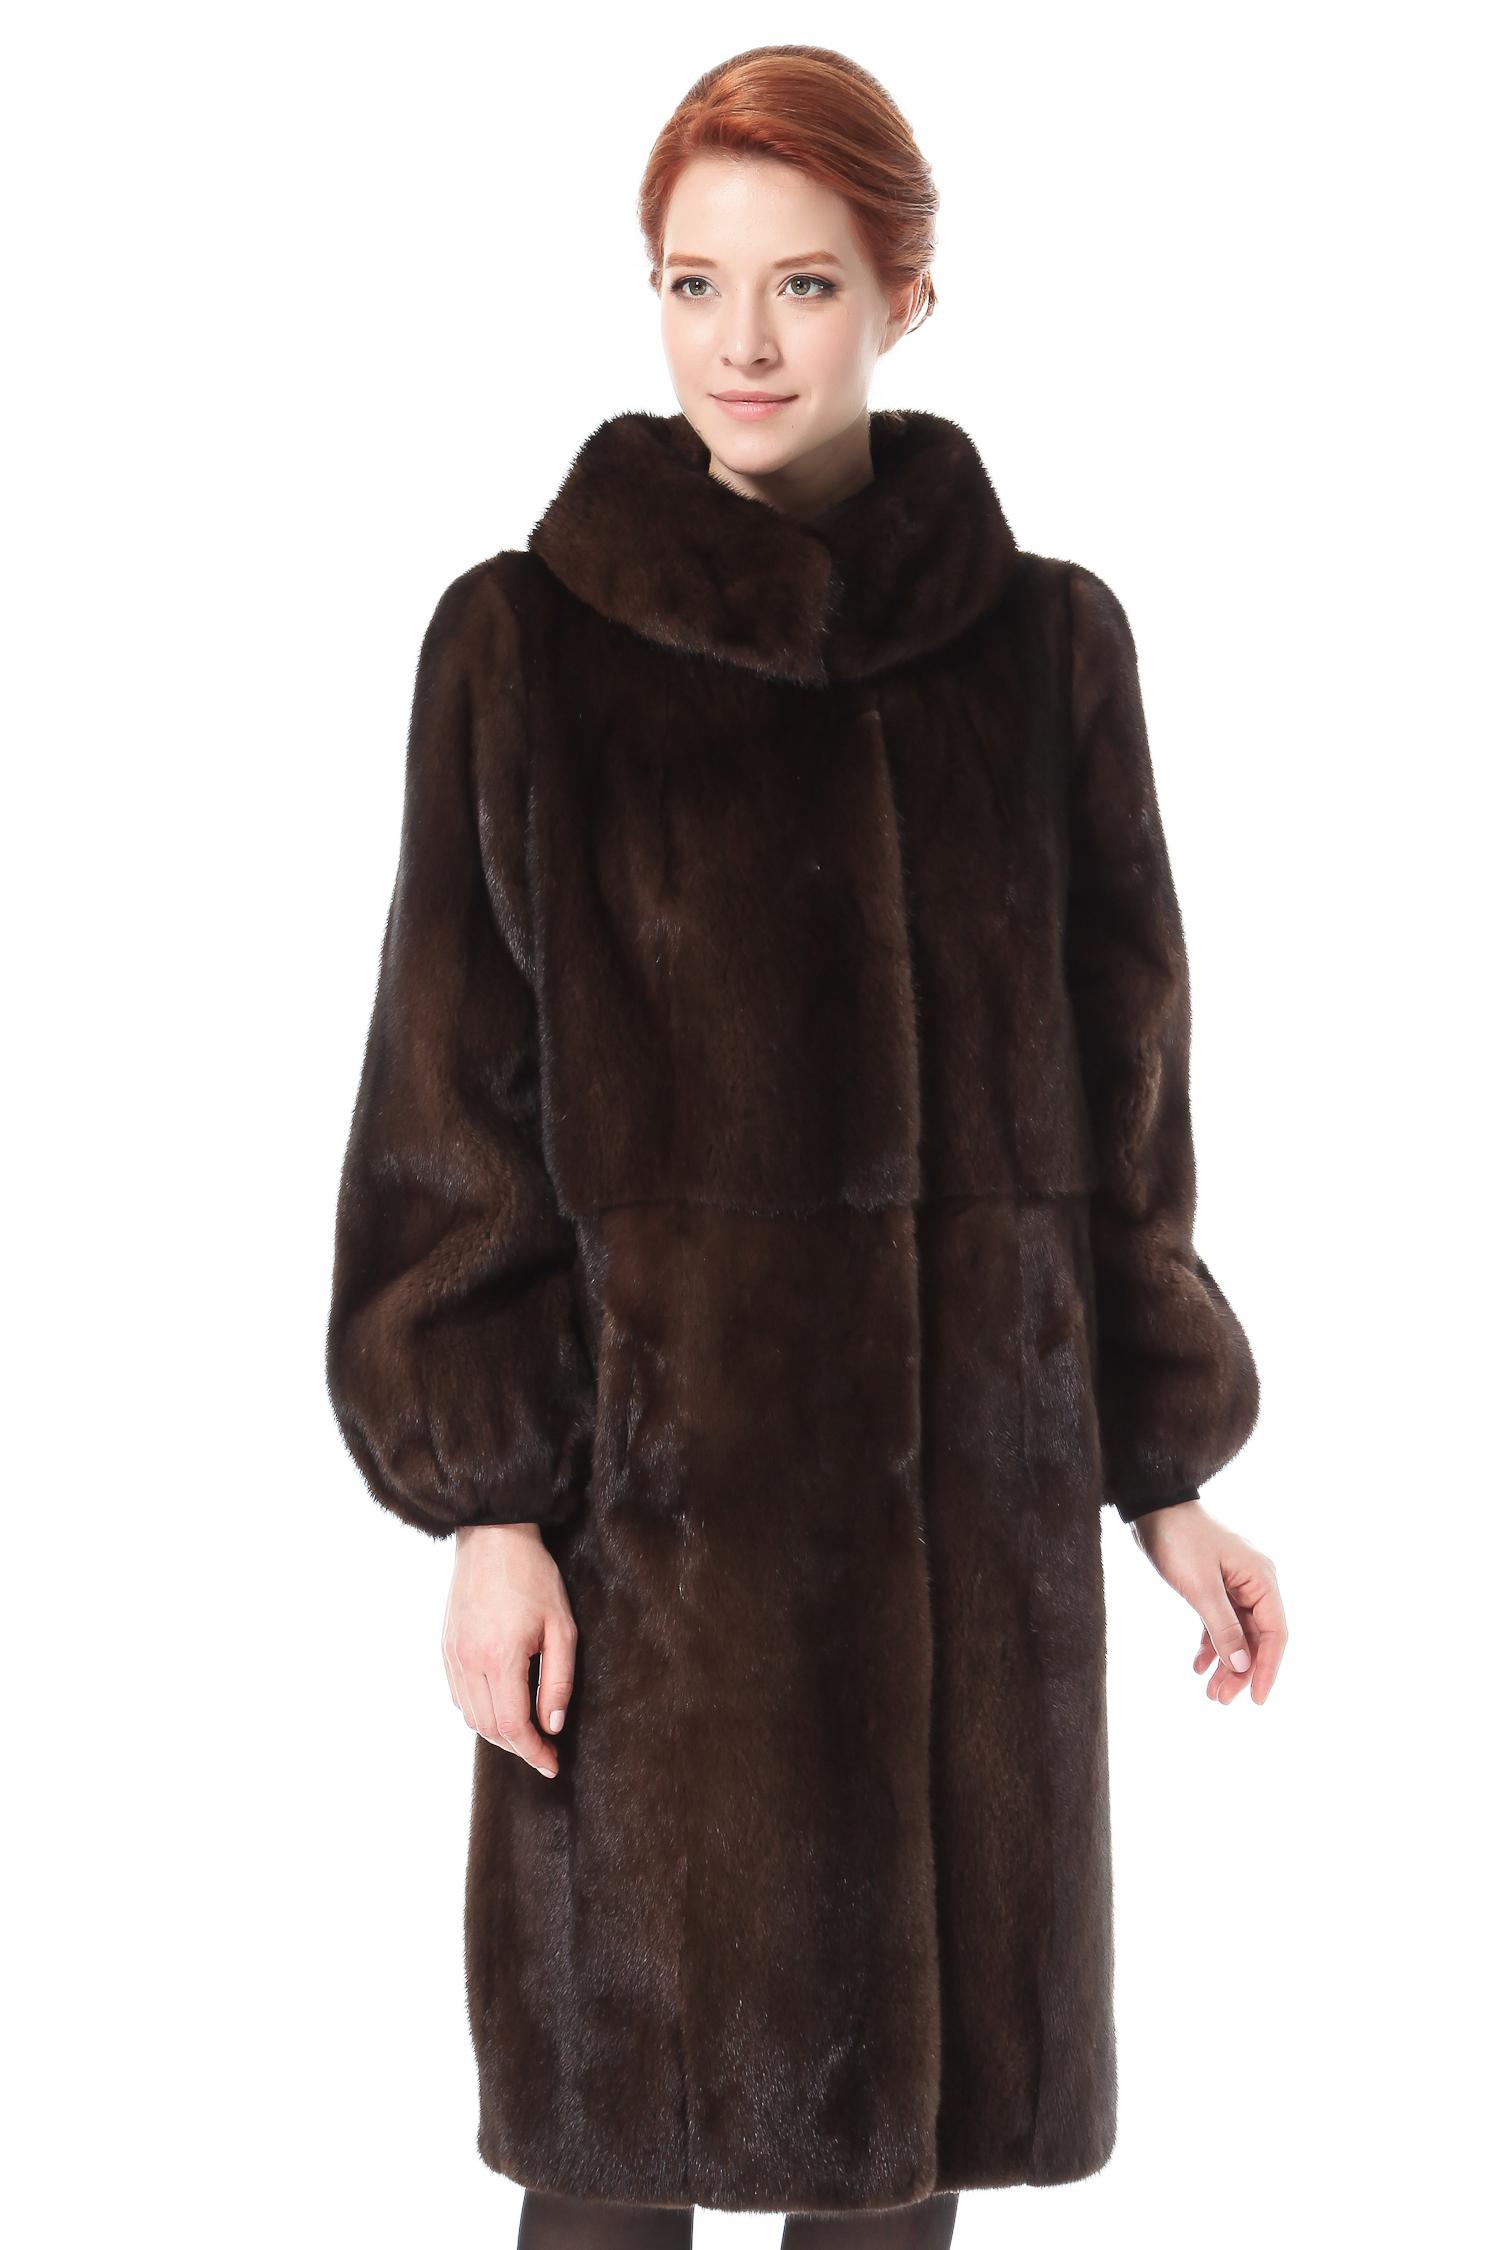 Шуба из норки с воротником, без отделкиЦвет  Коричнево-янтарный<br><br>Пальто изготовлено из высококачественного натурального сырья - меха норки Scan Brown.<br><br>Теплое и максимально комфортное пальто из скандинавской норки является одним из ведущих трендов предстоящего сезона. Прямой, лаконичный силуэт, минимум деталей, выгодно отличается практичностью ифункциональностью. Аккуратный воротник-стойка подчеркивает строгость и статусность. Объемный рукав, кокетливо собранный у нижнего среза, придает образу легкую пикантность. Данная модель изящно подчеркнет все достоинства фигуры и скроет возможные недостатки.<br><br>Воротник: Оригинальный<br>Длина см: 110<br>Цвет: Коричневый<br>Пол: Женский